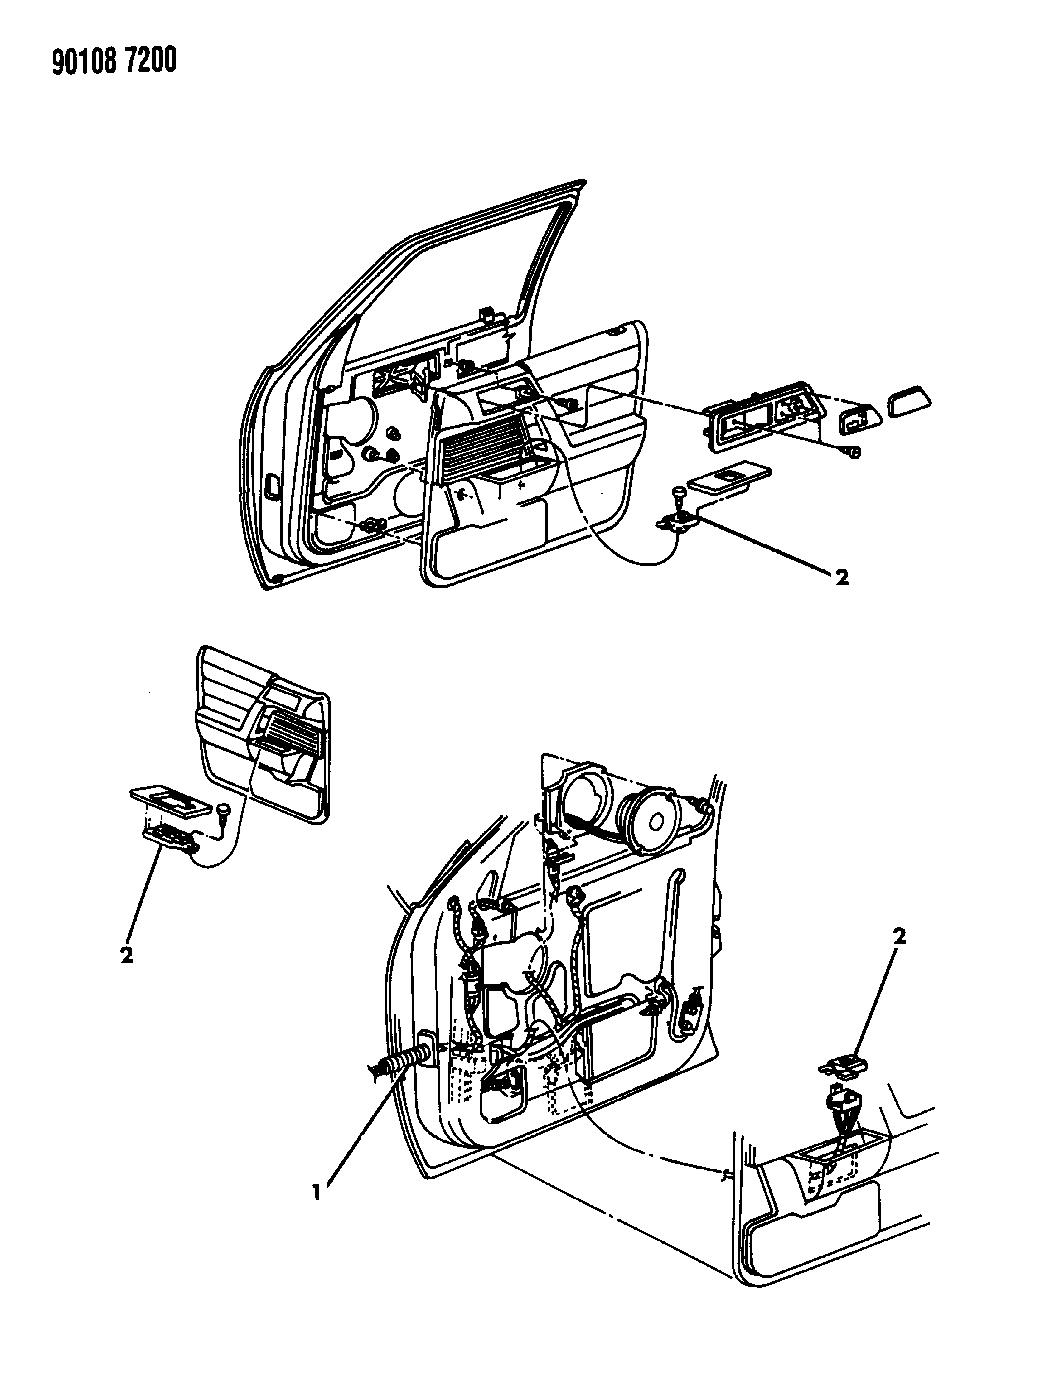 1990 Chrysler Lebaron Sedan Wiring  U0026 Switches